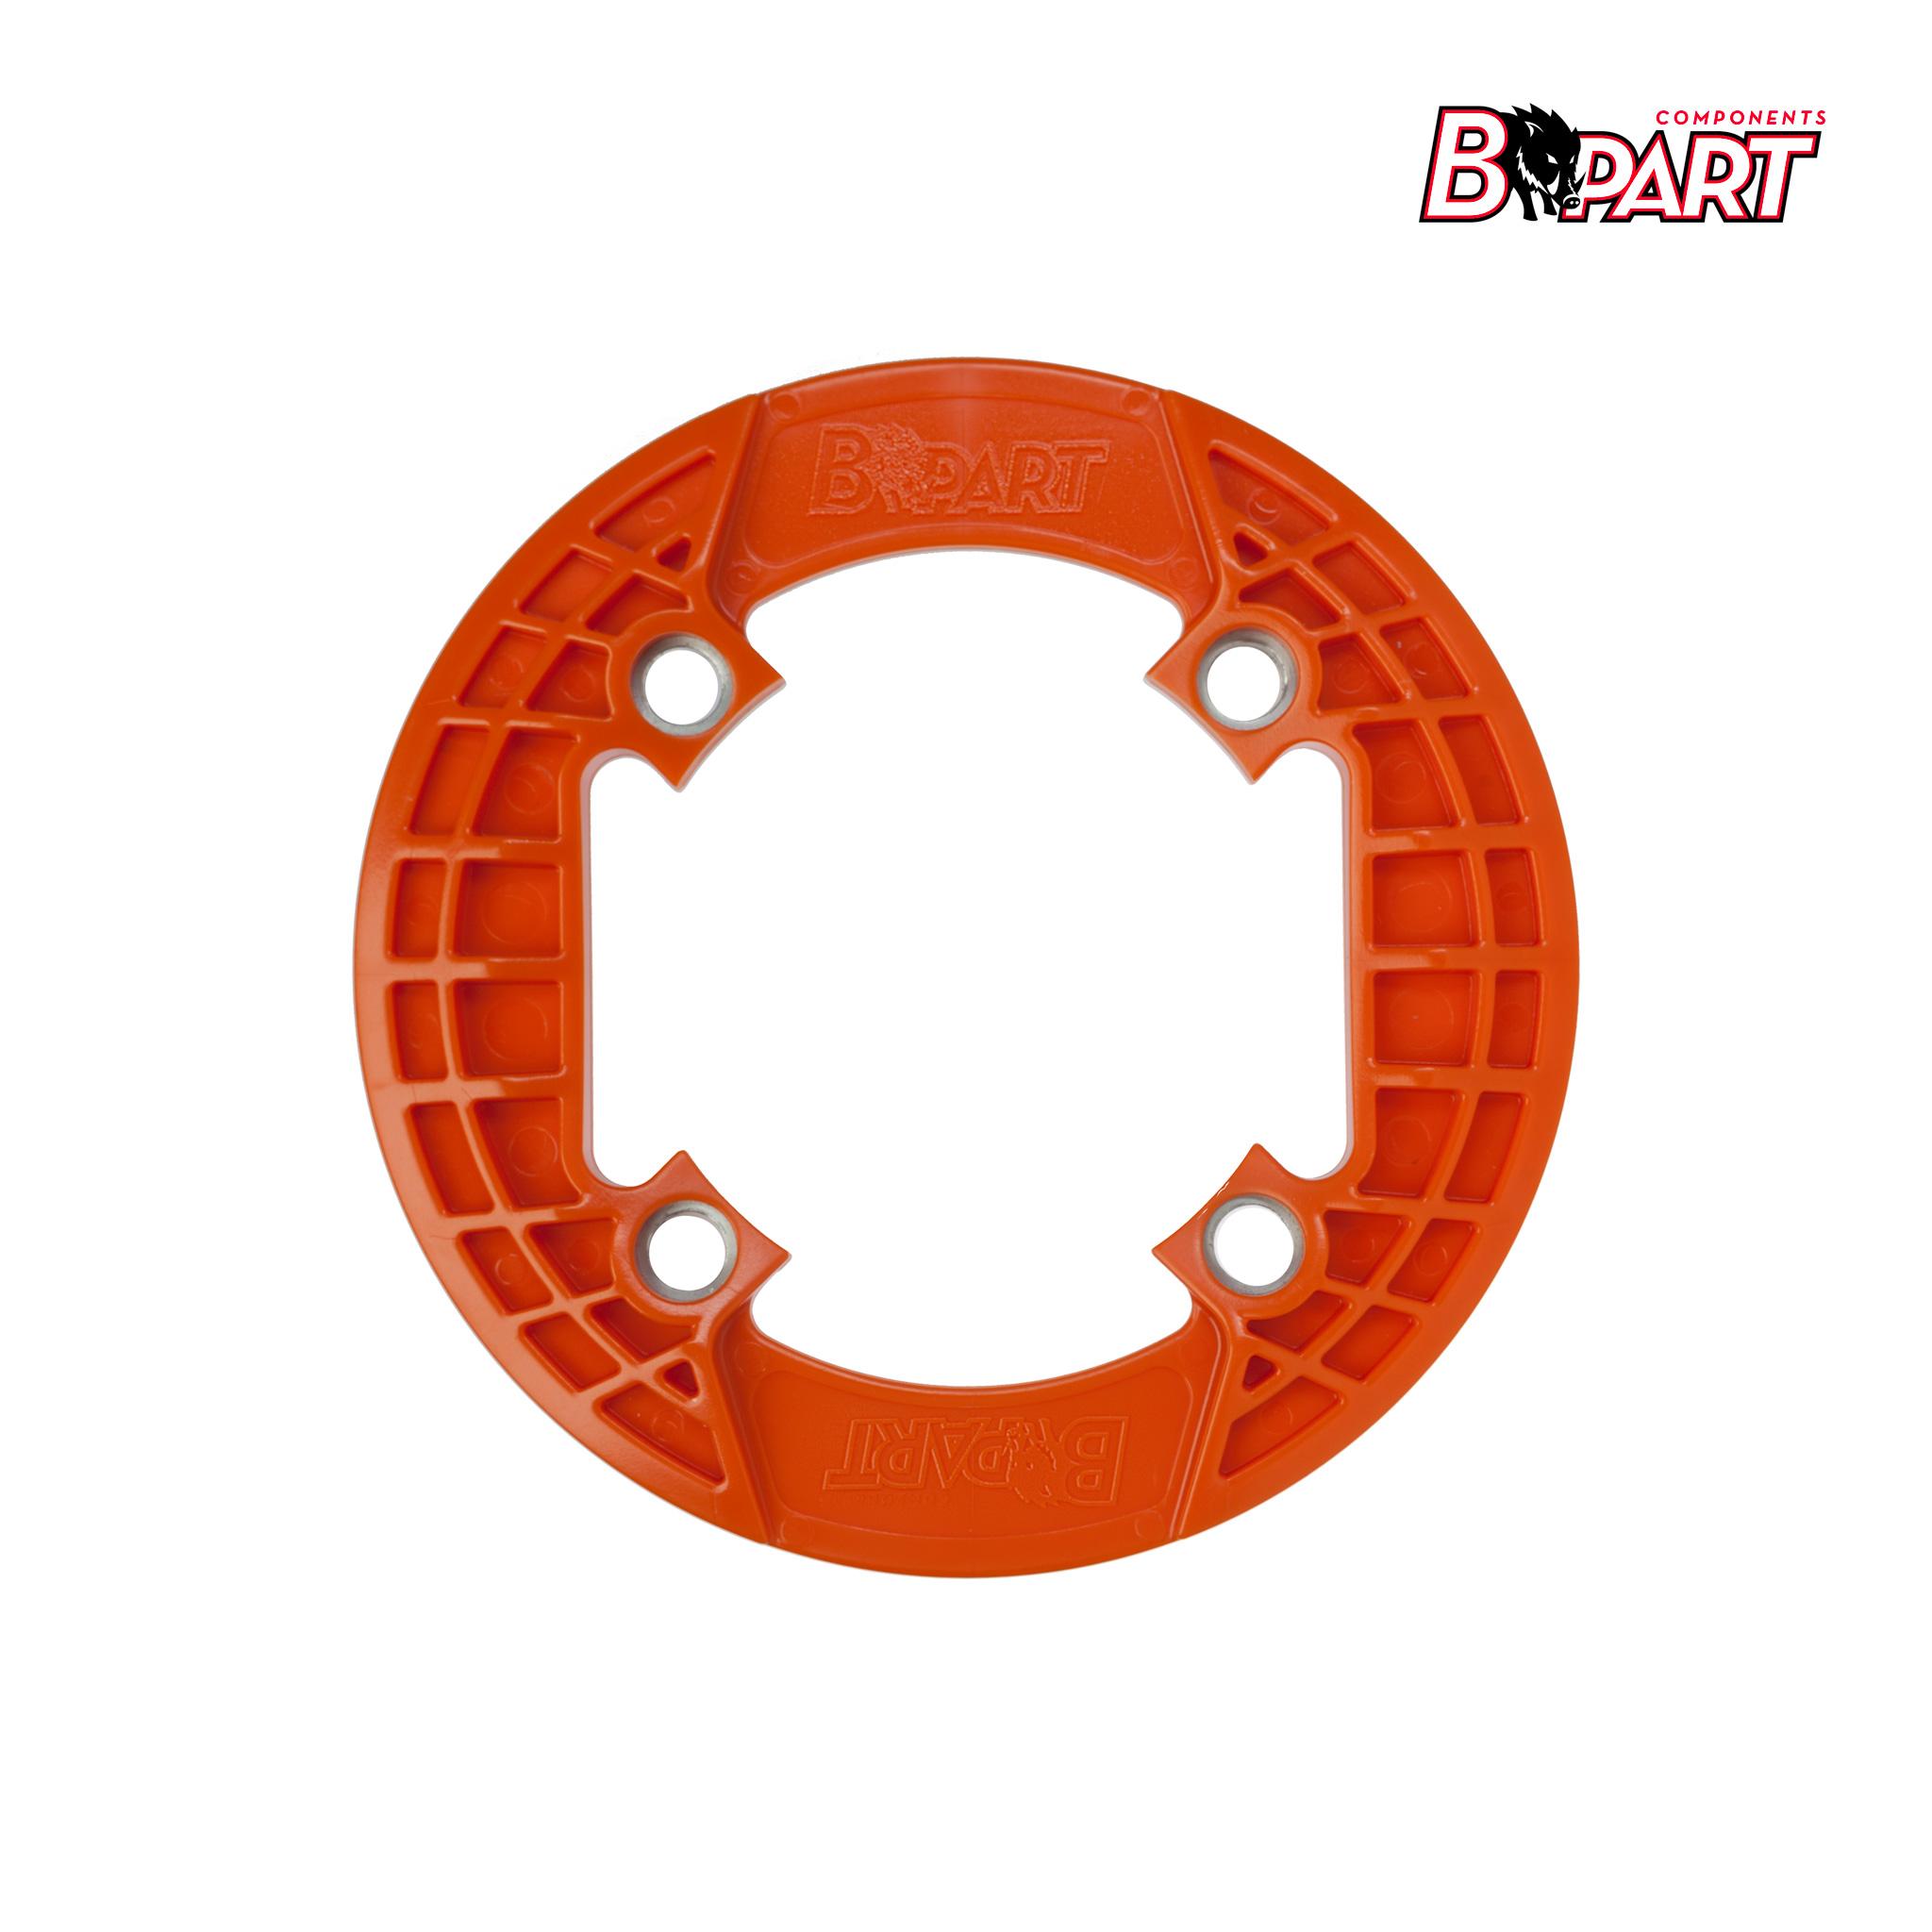 Bpart Components cubreplatos naranja